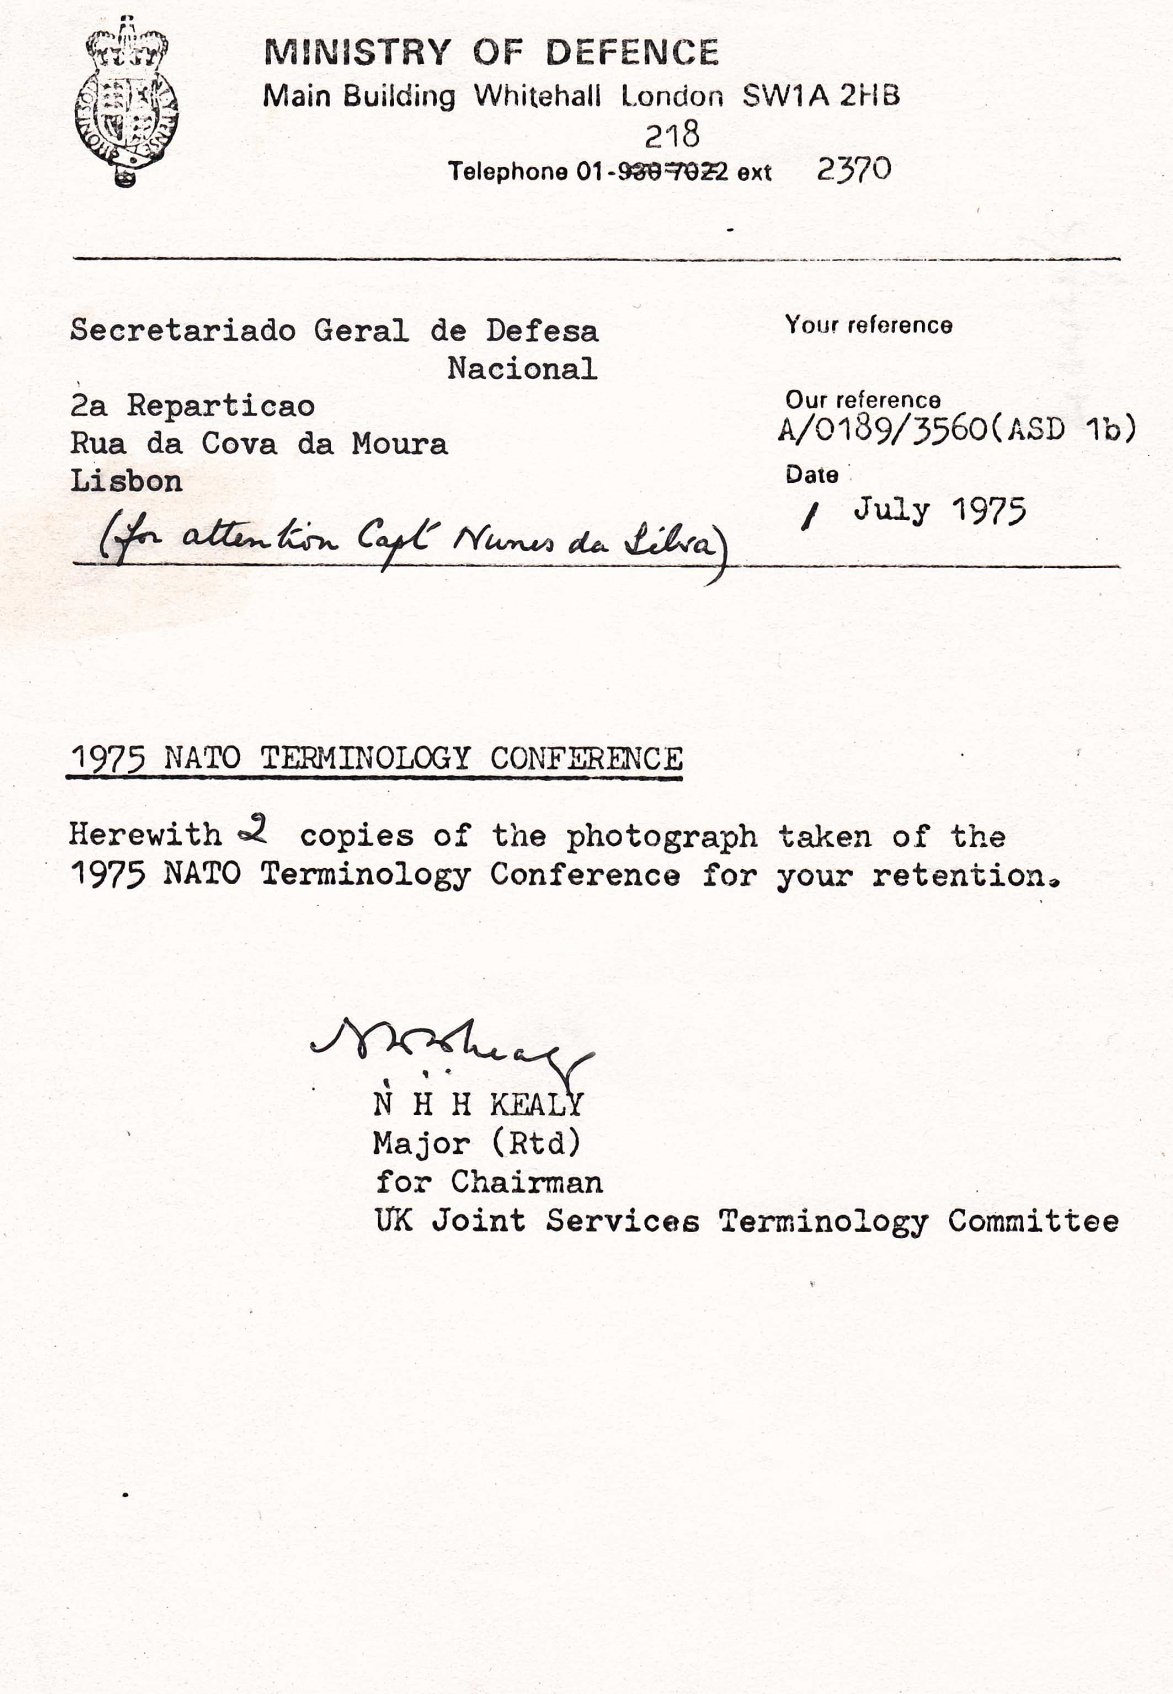 00679 975-07 oferta da foto dos participantes na Conferência de Terminologia NATO em Londres